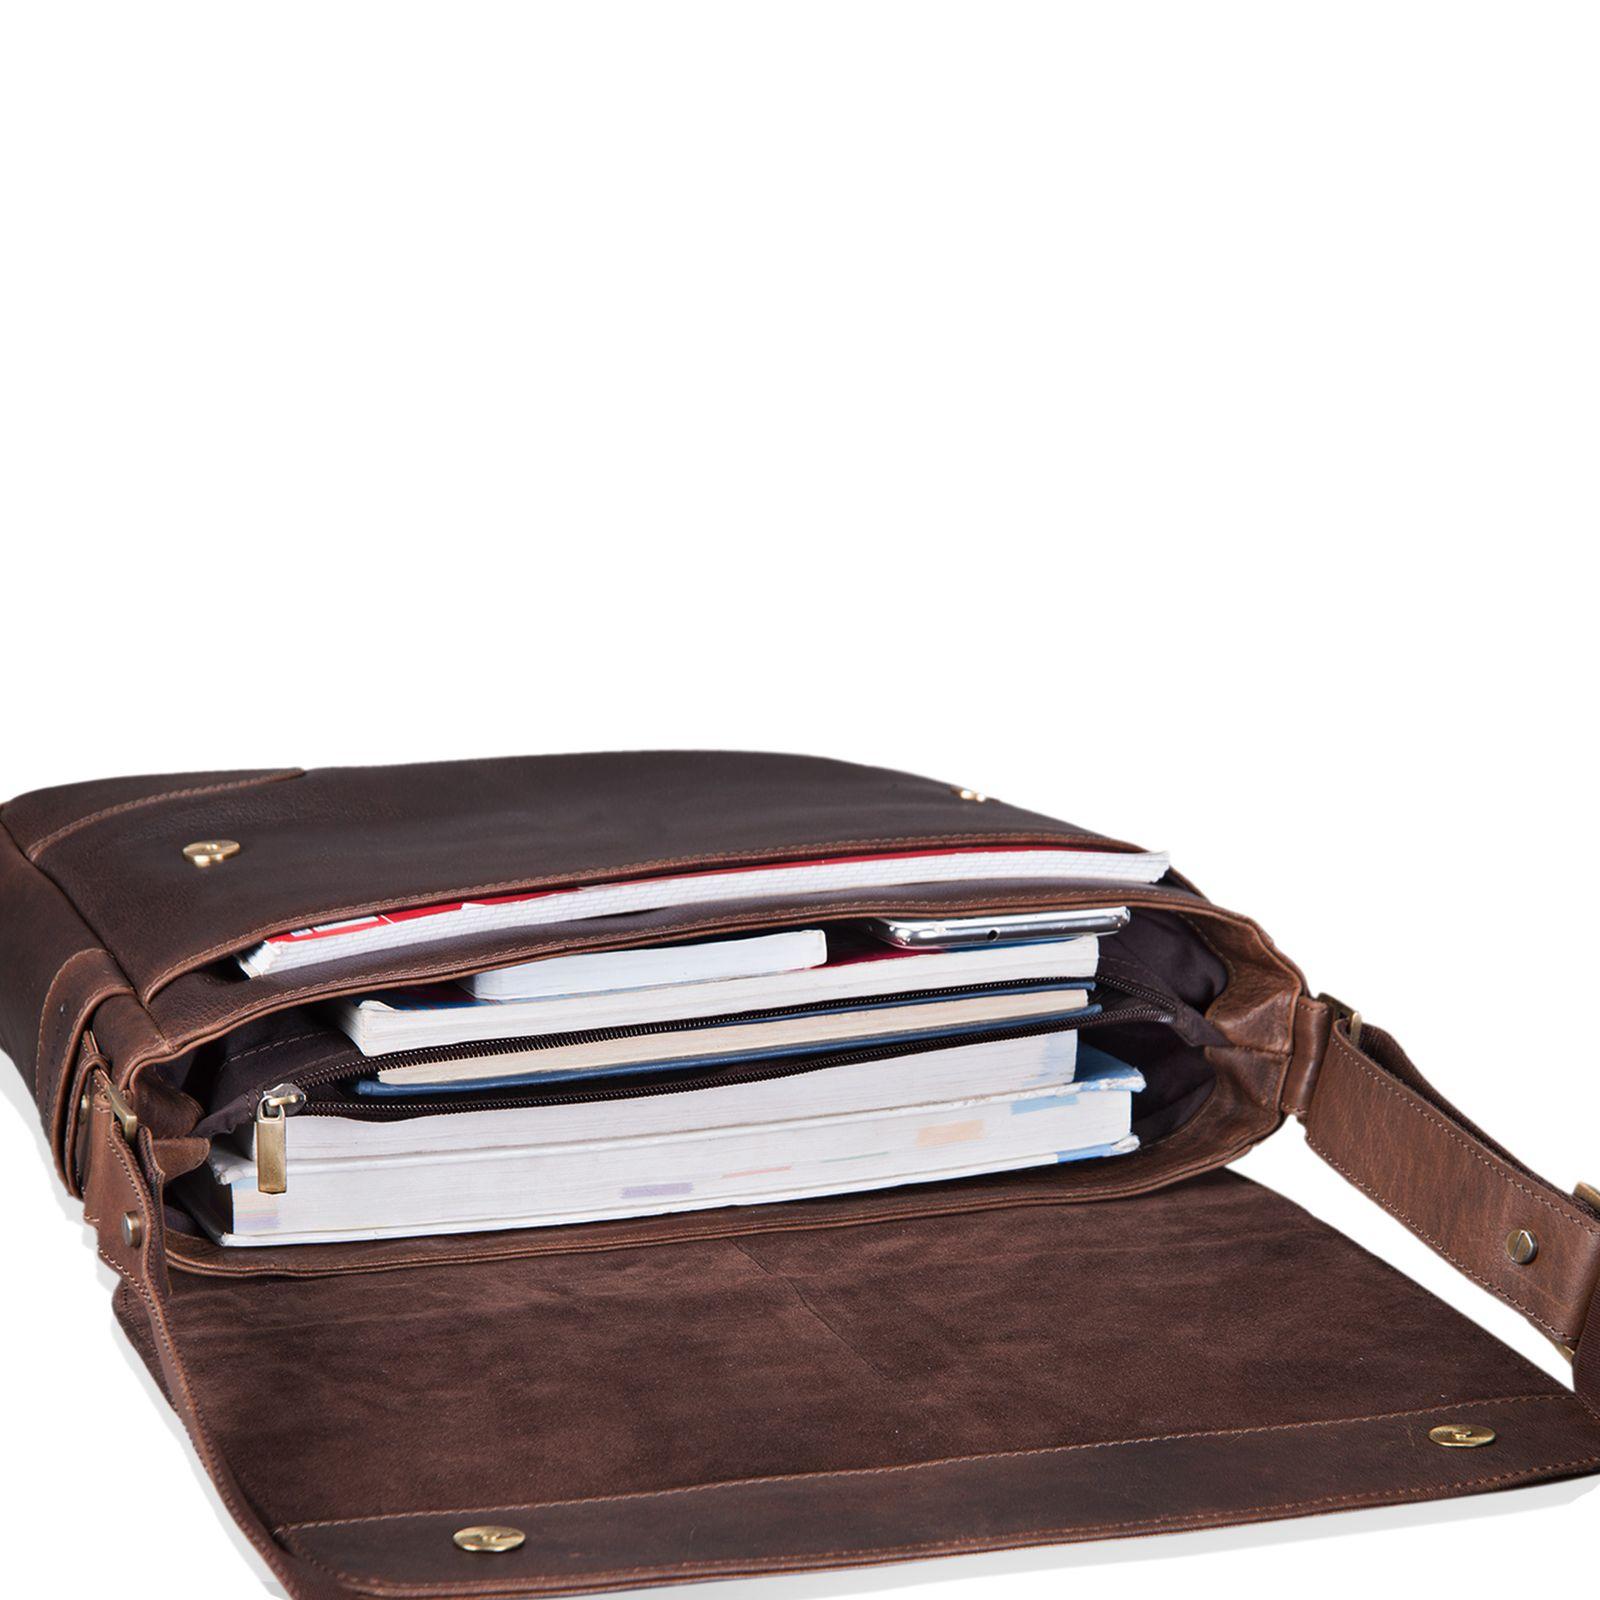 """STILORD """"Miro"""" Messenger Bag Leder Umhängetasche 14 Zoll Vintage Design für Herren Damen Uni Büro Arbeit Aktentasche DIN A4 Laptoptasche Echtleder - Bild 7"""